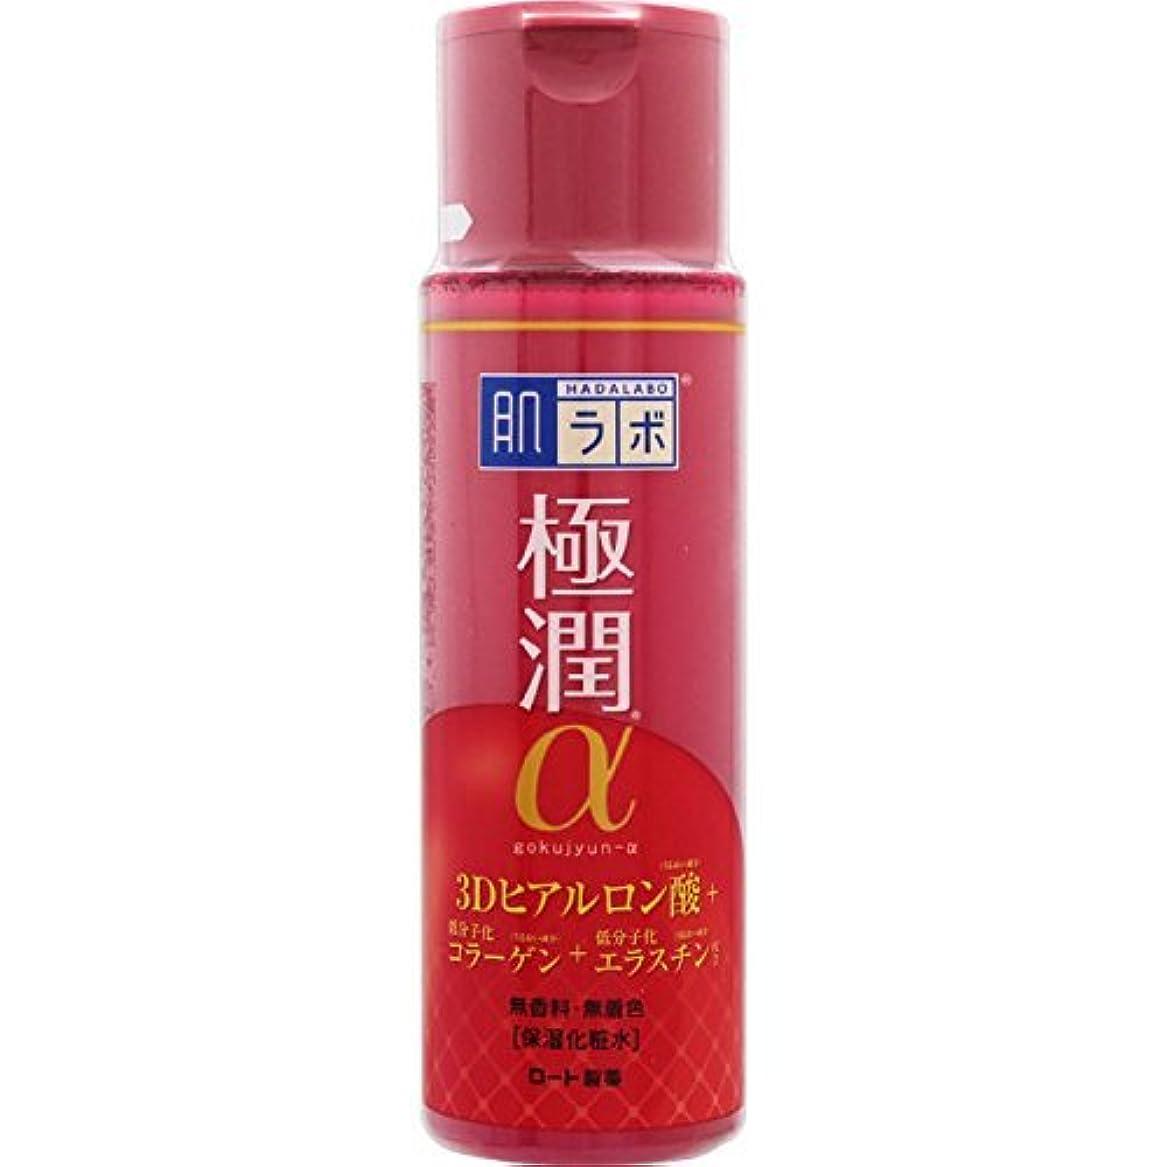 思いつく有効冷蔵する肌ラボ 極潤α ハリ化粧水 3Dヒアルロン酸×低分子化コラーゲン×低分子化エラスチン配合 170ml